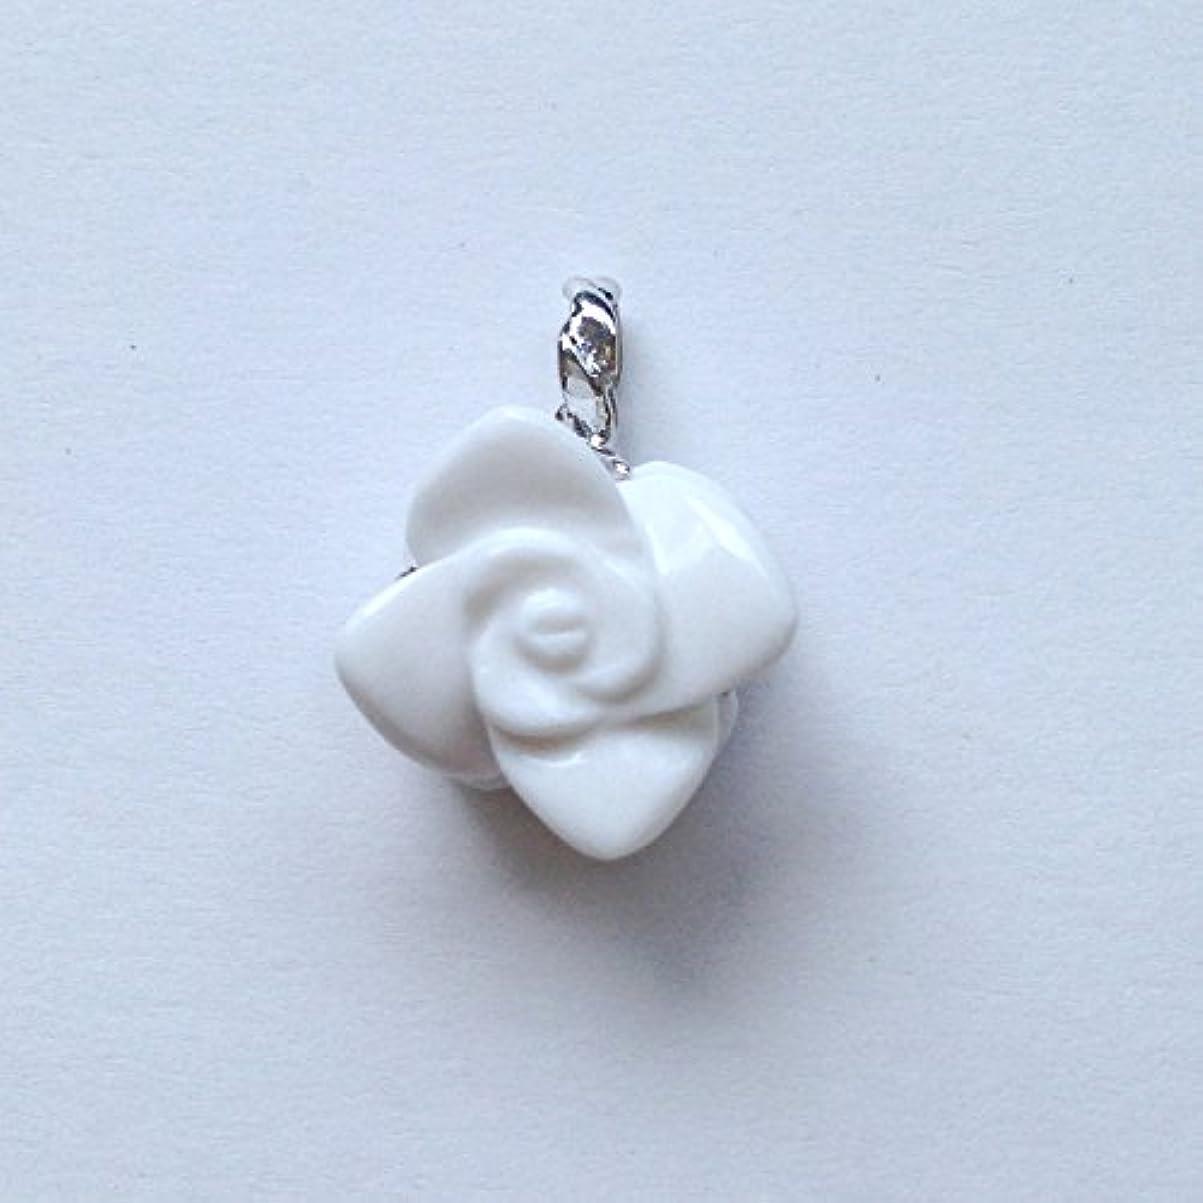 値むちゃくちゃ細菌香る宝石SVホワイトメノウペンダント通常¥26,800の所 (Ag925)